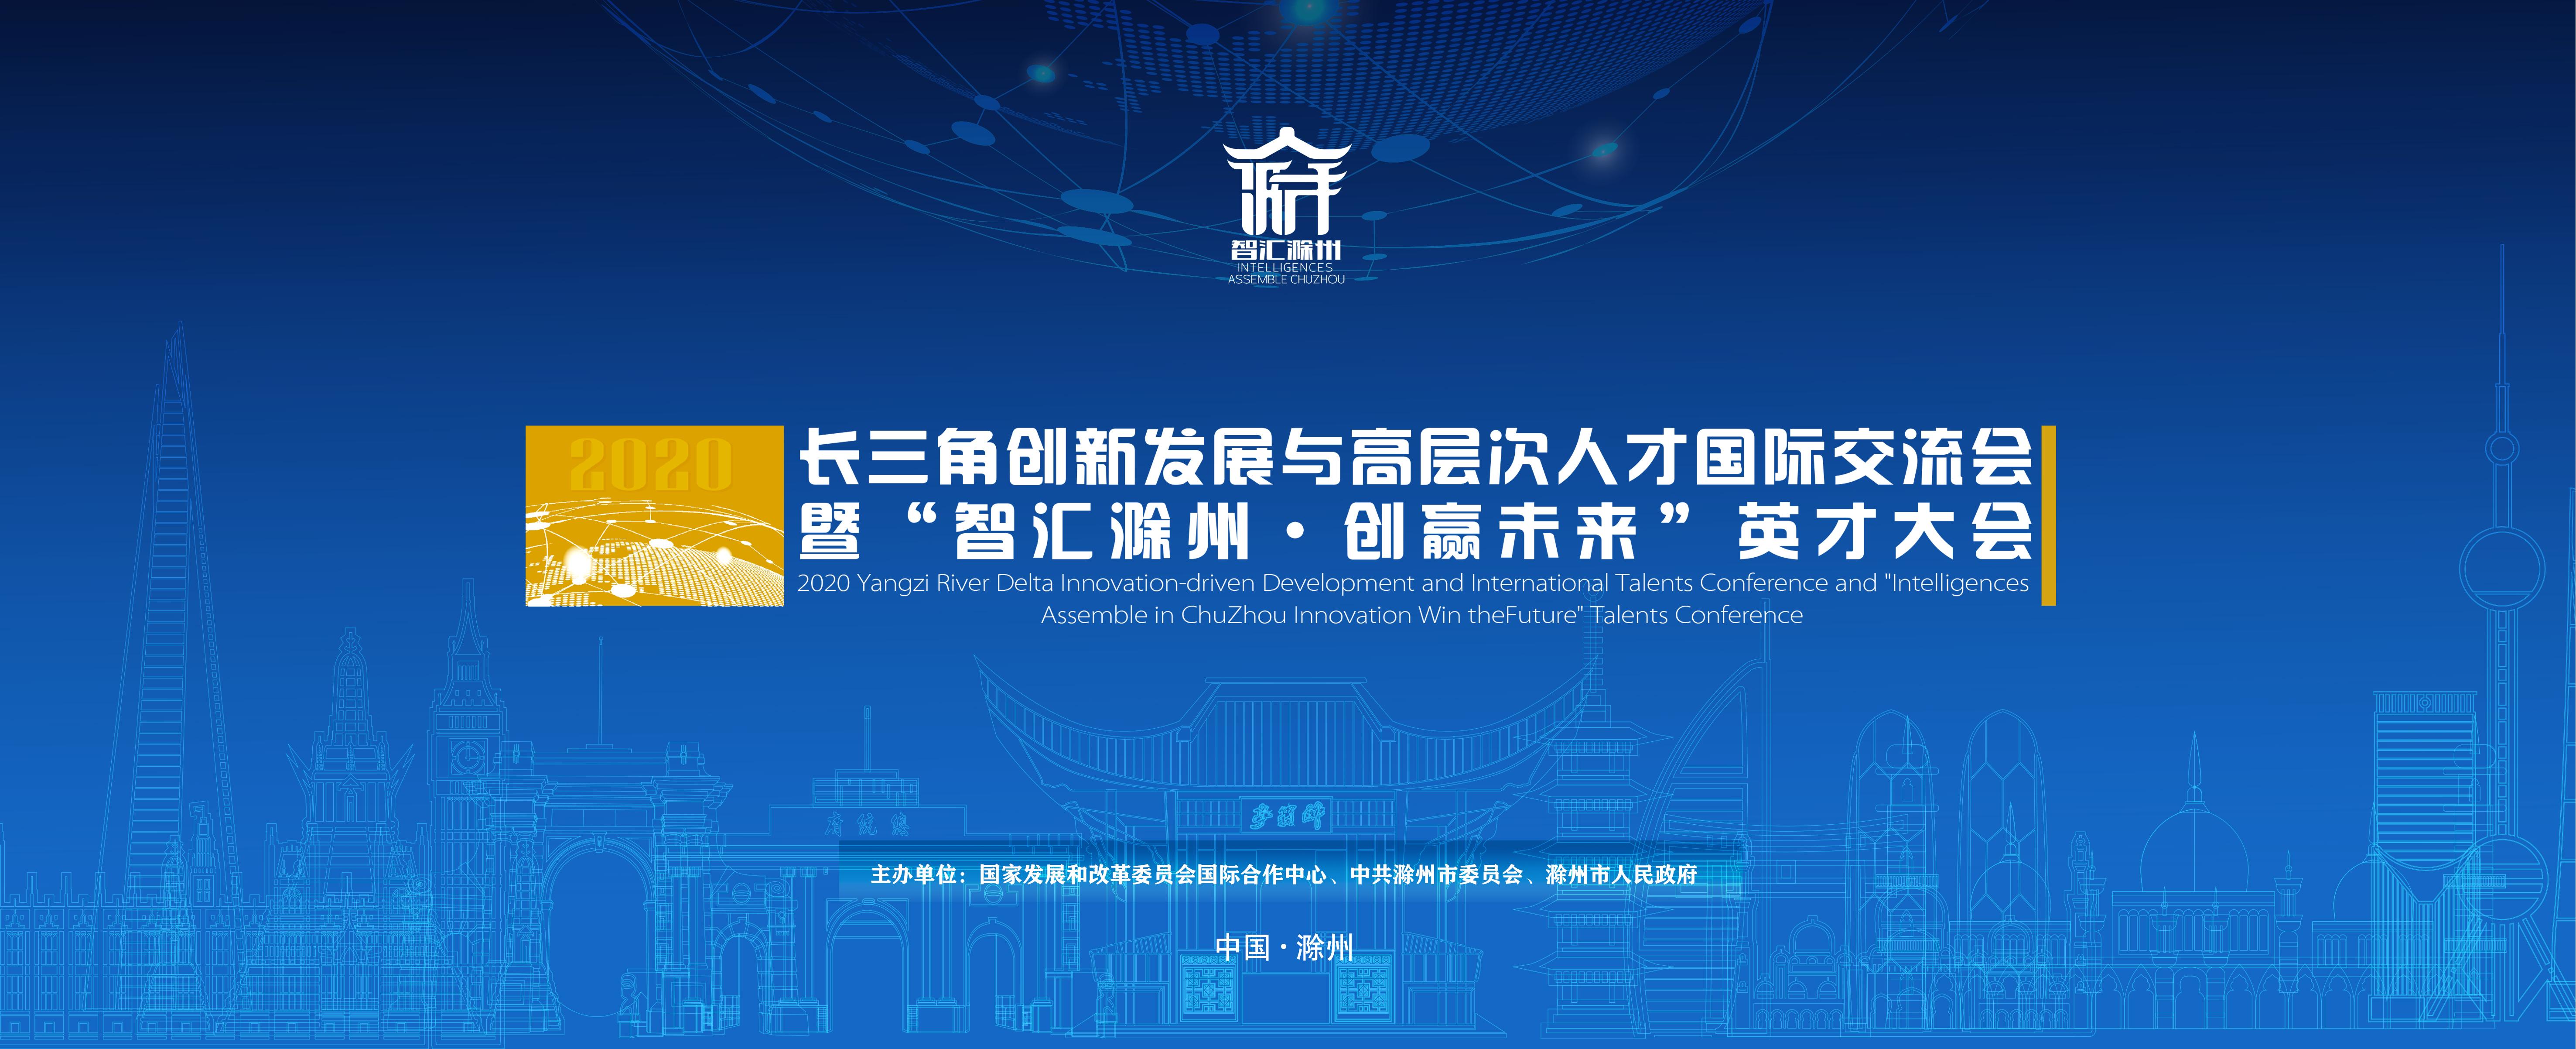 """2020长三角创新发展与高层次人才国际交流会暨""""智汇滁州·创赢未来""""英才大会"""